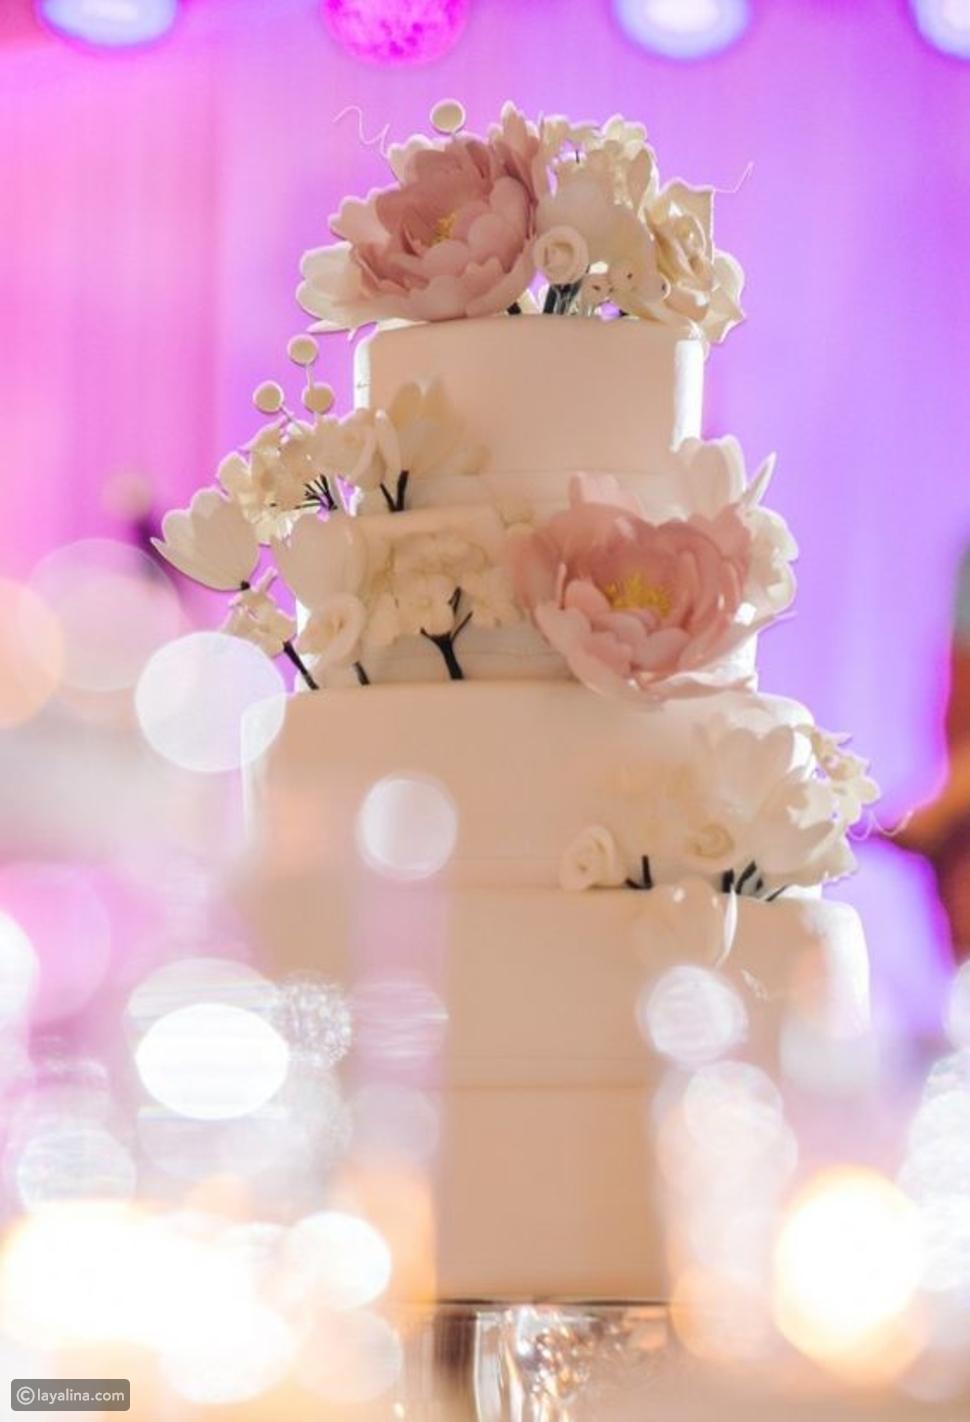 ما رأيكِ بهذه الكيكة ذات اللون الوردي الفاتح؟